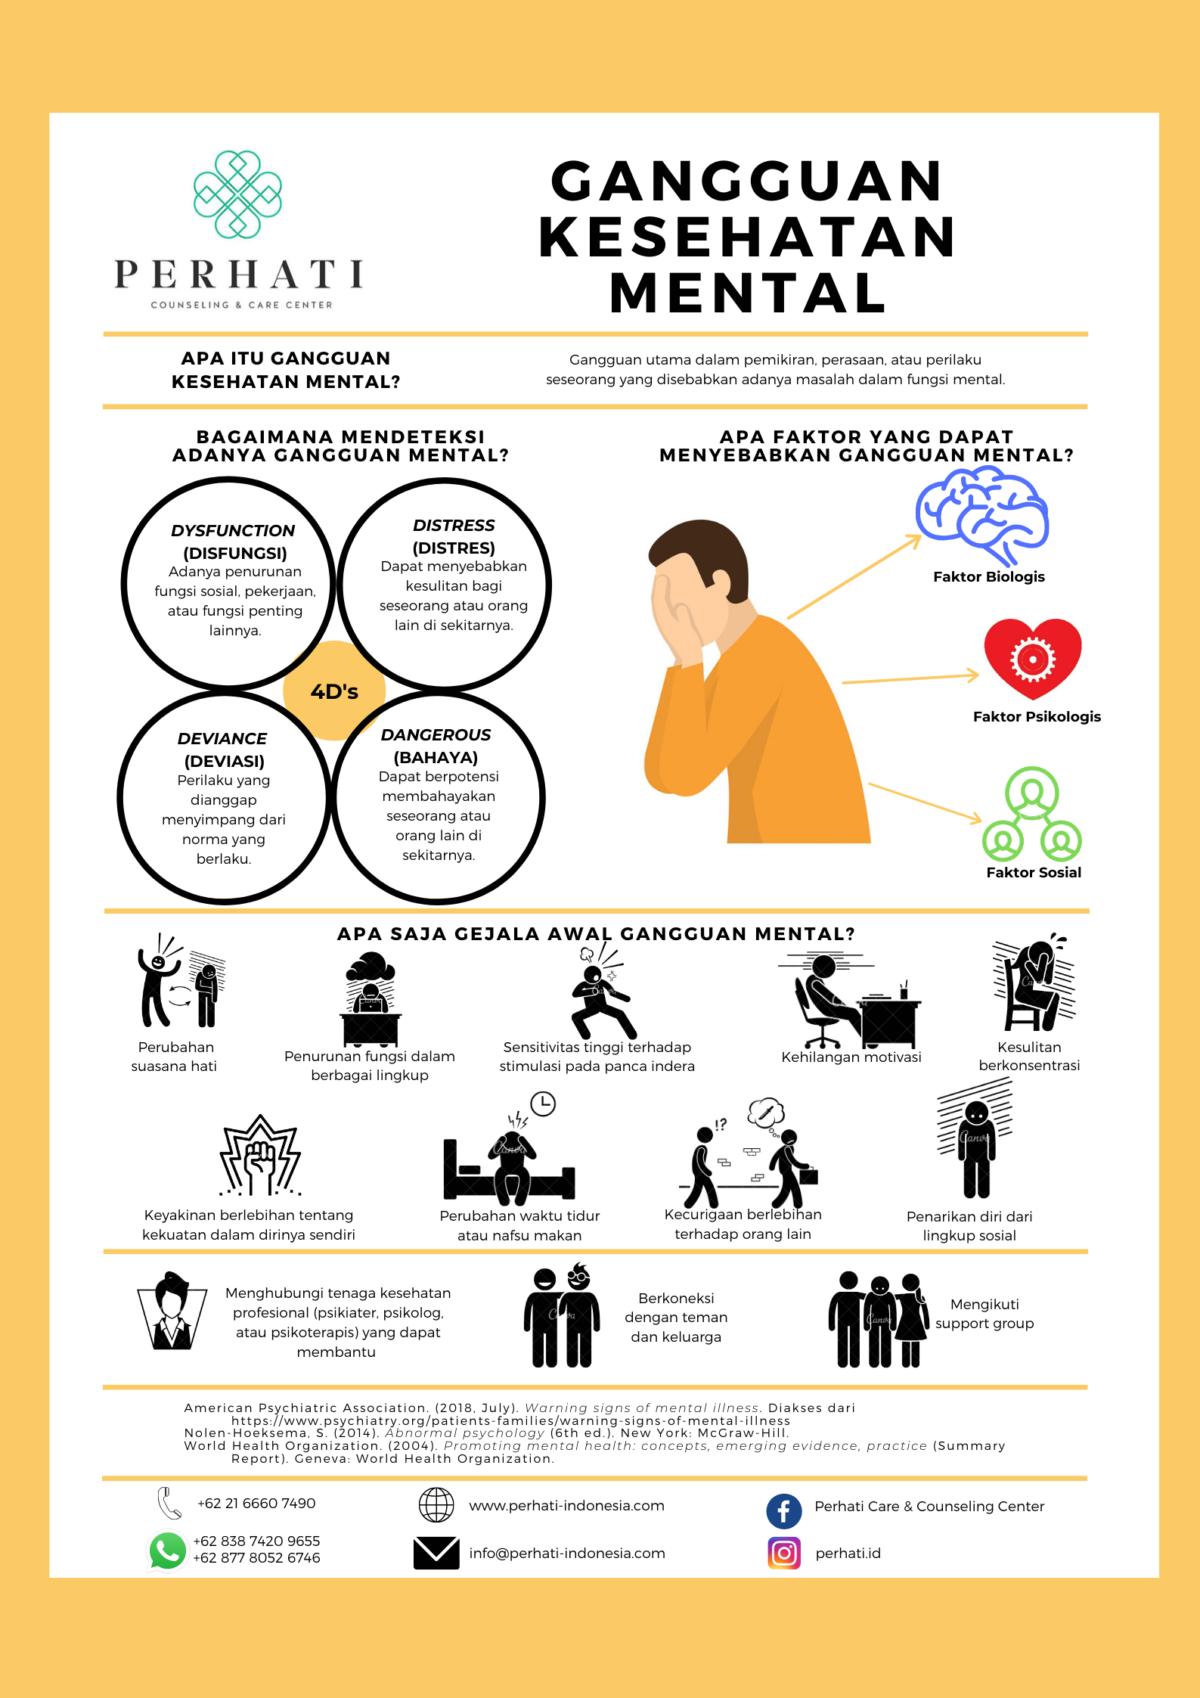 Poster-Gangguan-Kesehatan-Mental-1200x1698.png